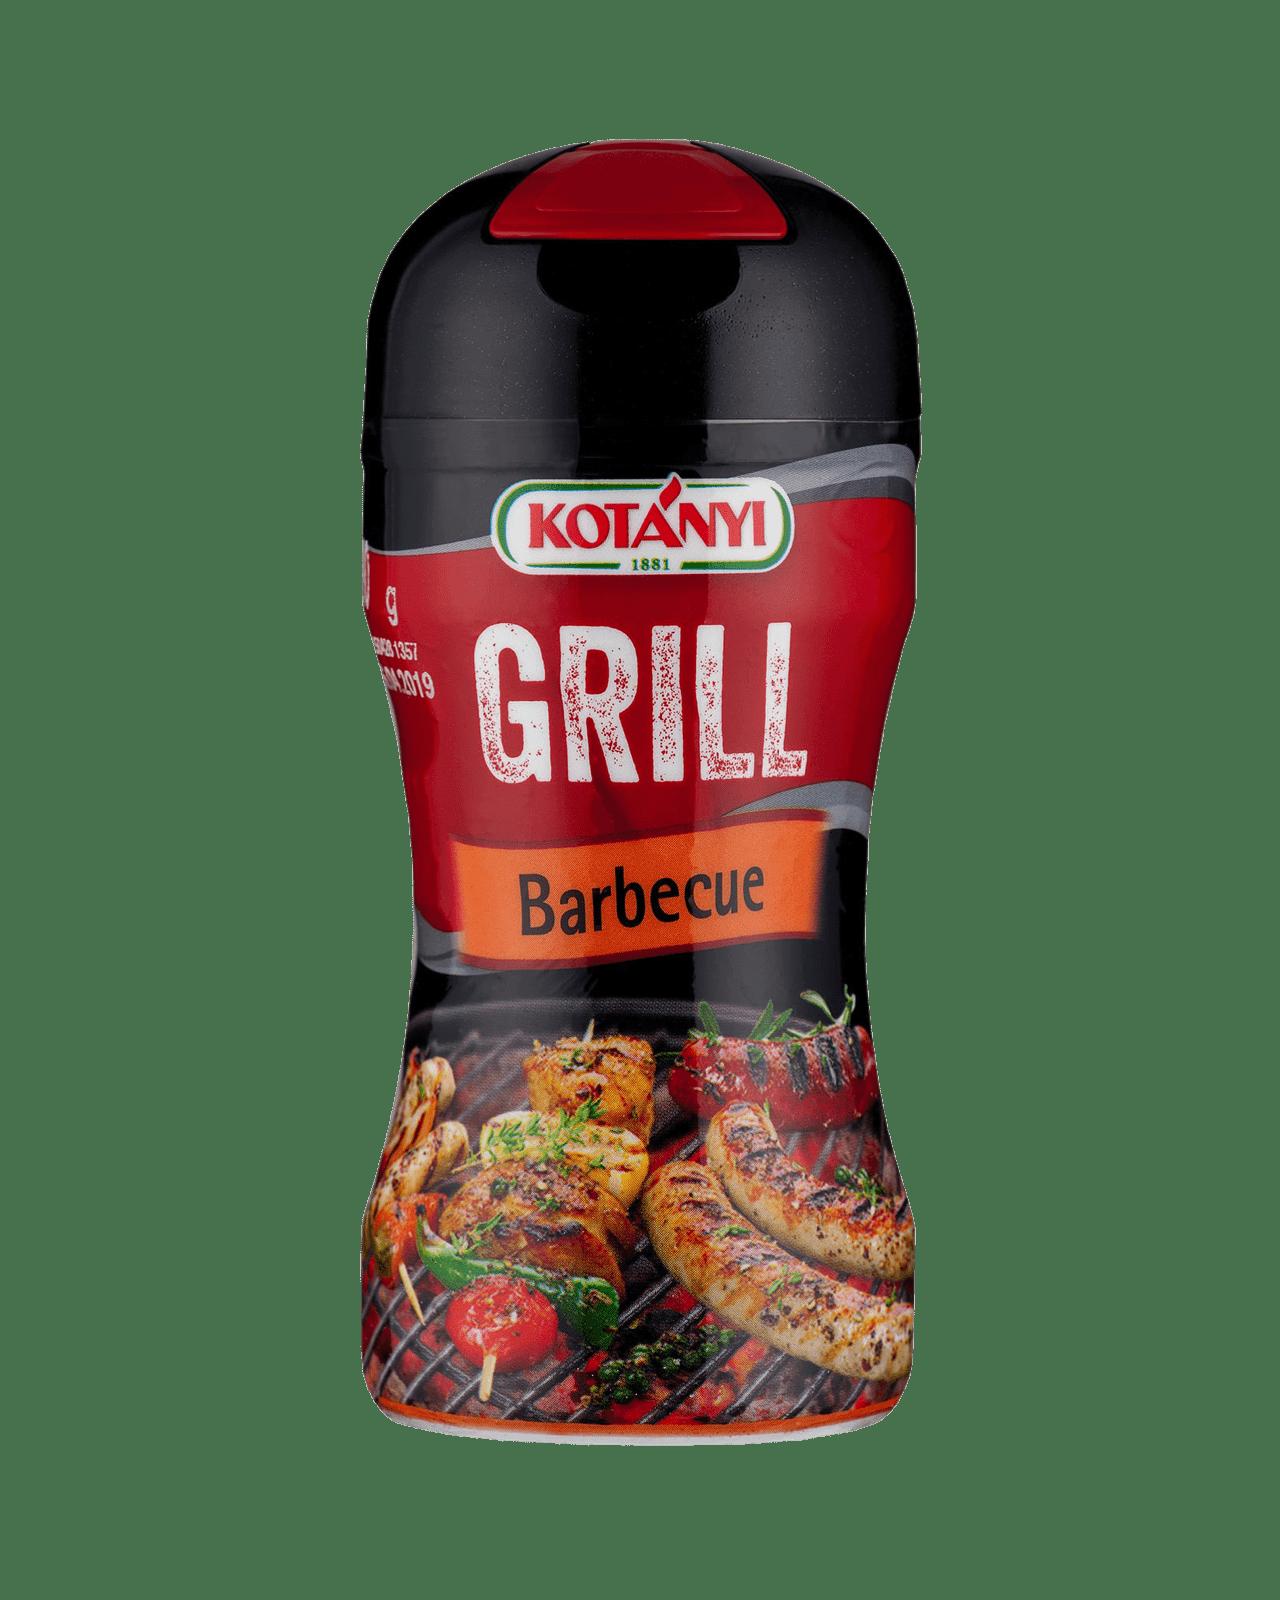 Kotányi Grill Barbecue in der Streudose